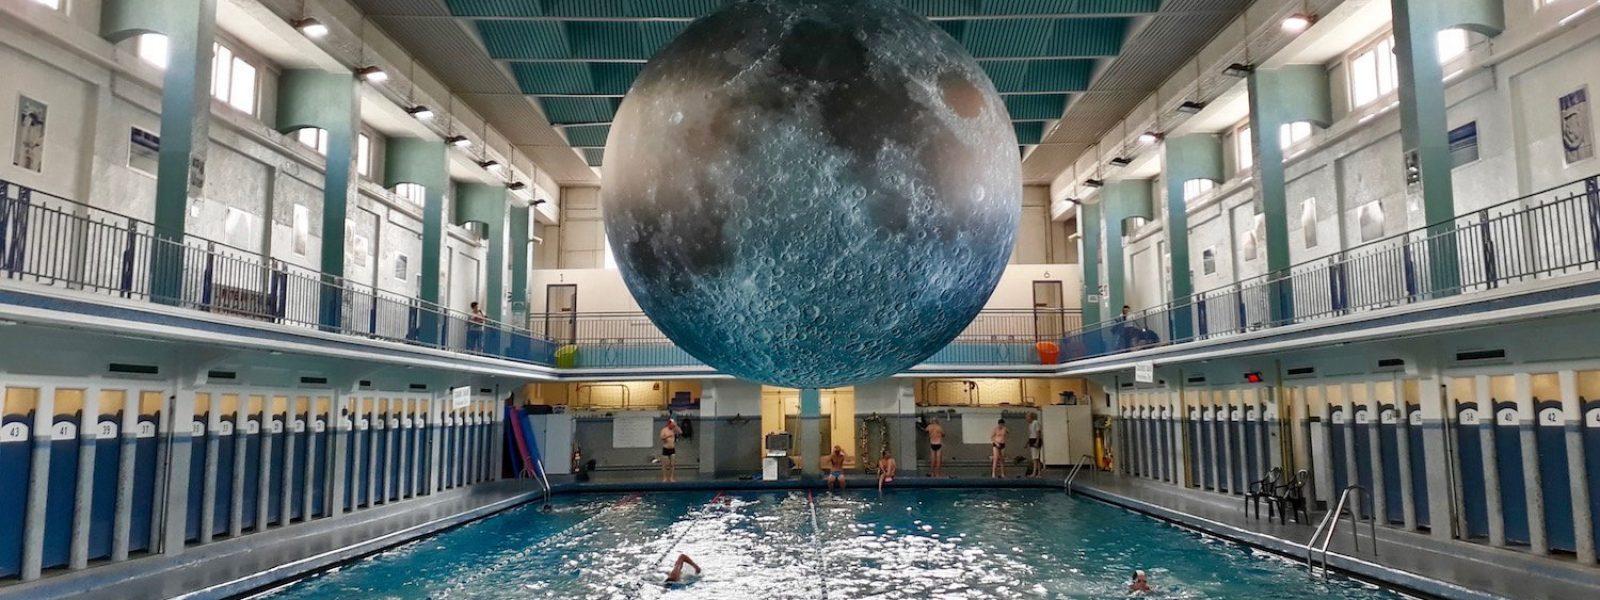 Museum Of The Moon : Nager Sous La Lune À Rennes| Tourisme ... dedans Piscine De Rennes